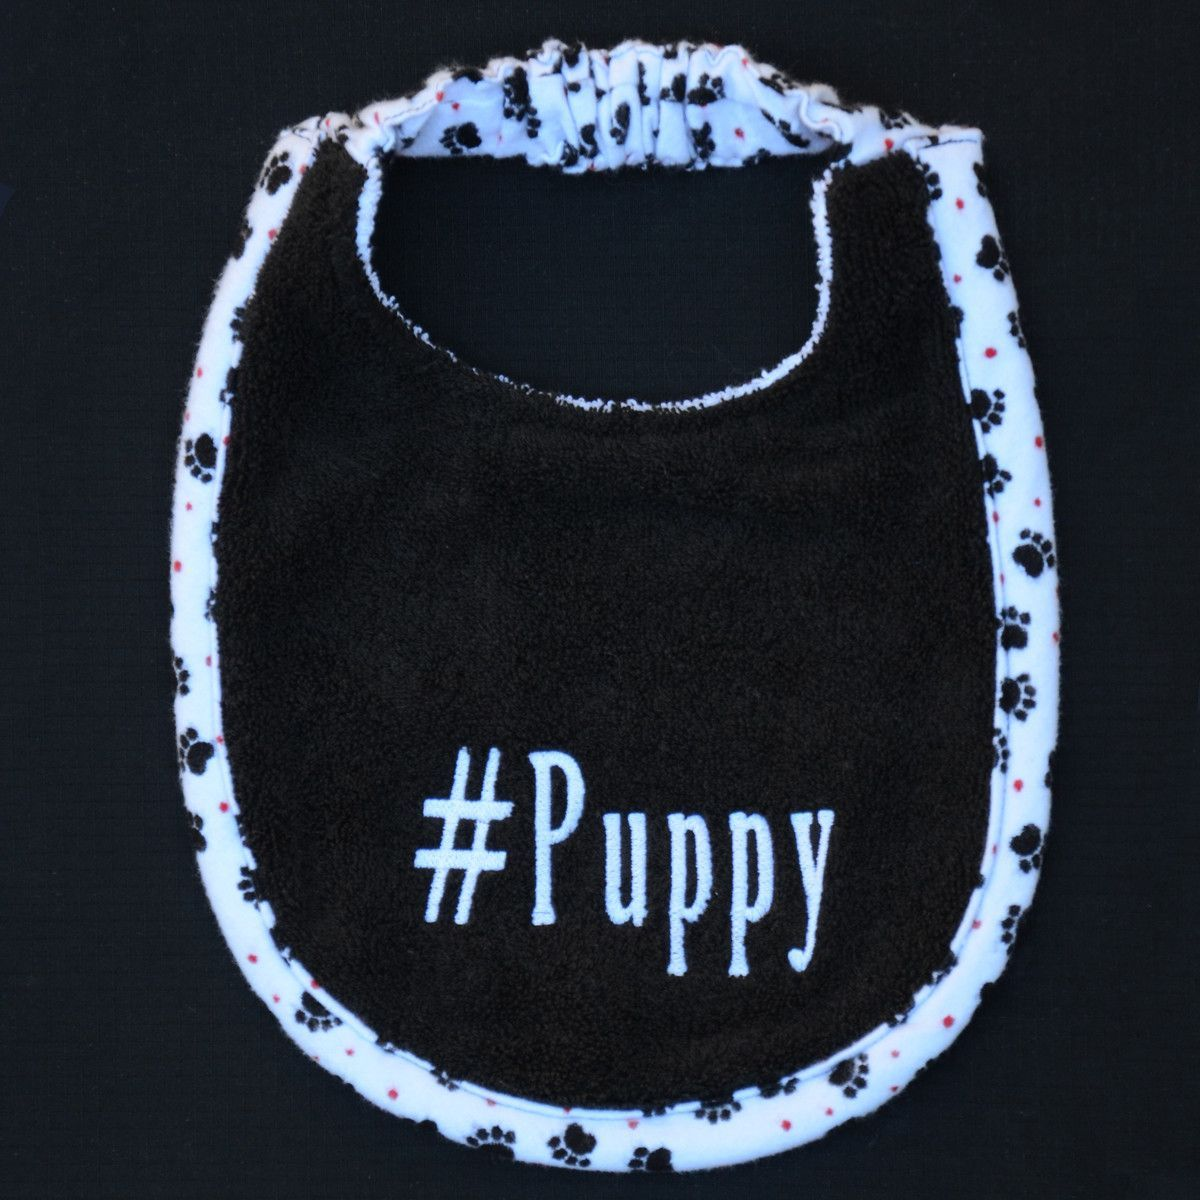 # Puppy - Puppy Bib